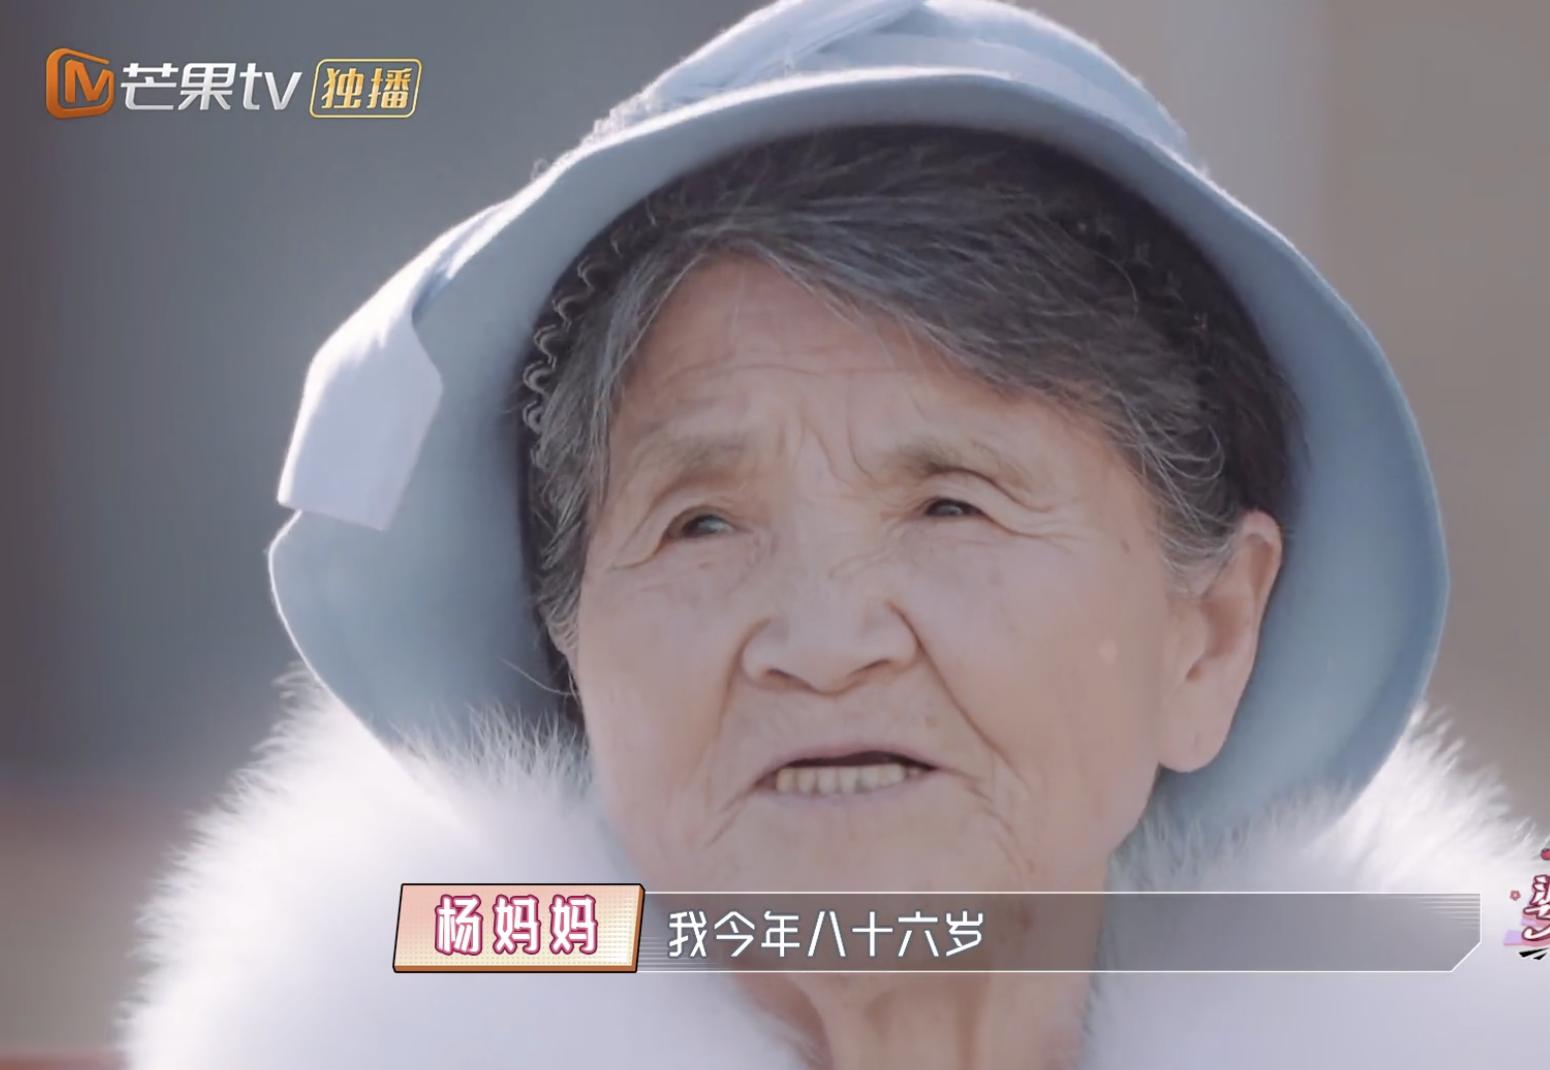 杨子为87岁母亲庆生,晒祖孙三代合影,老人气质优雅精神矍铄